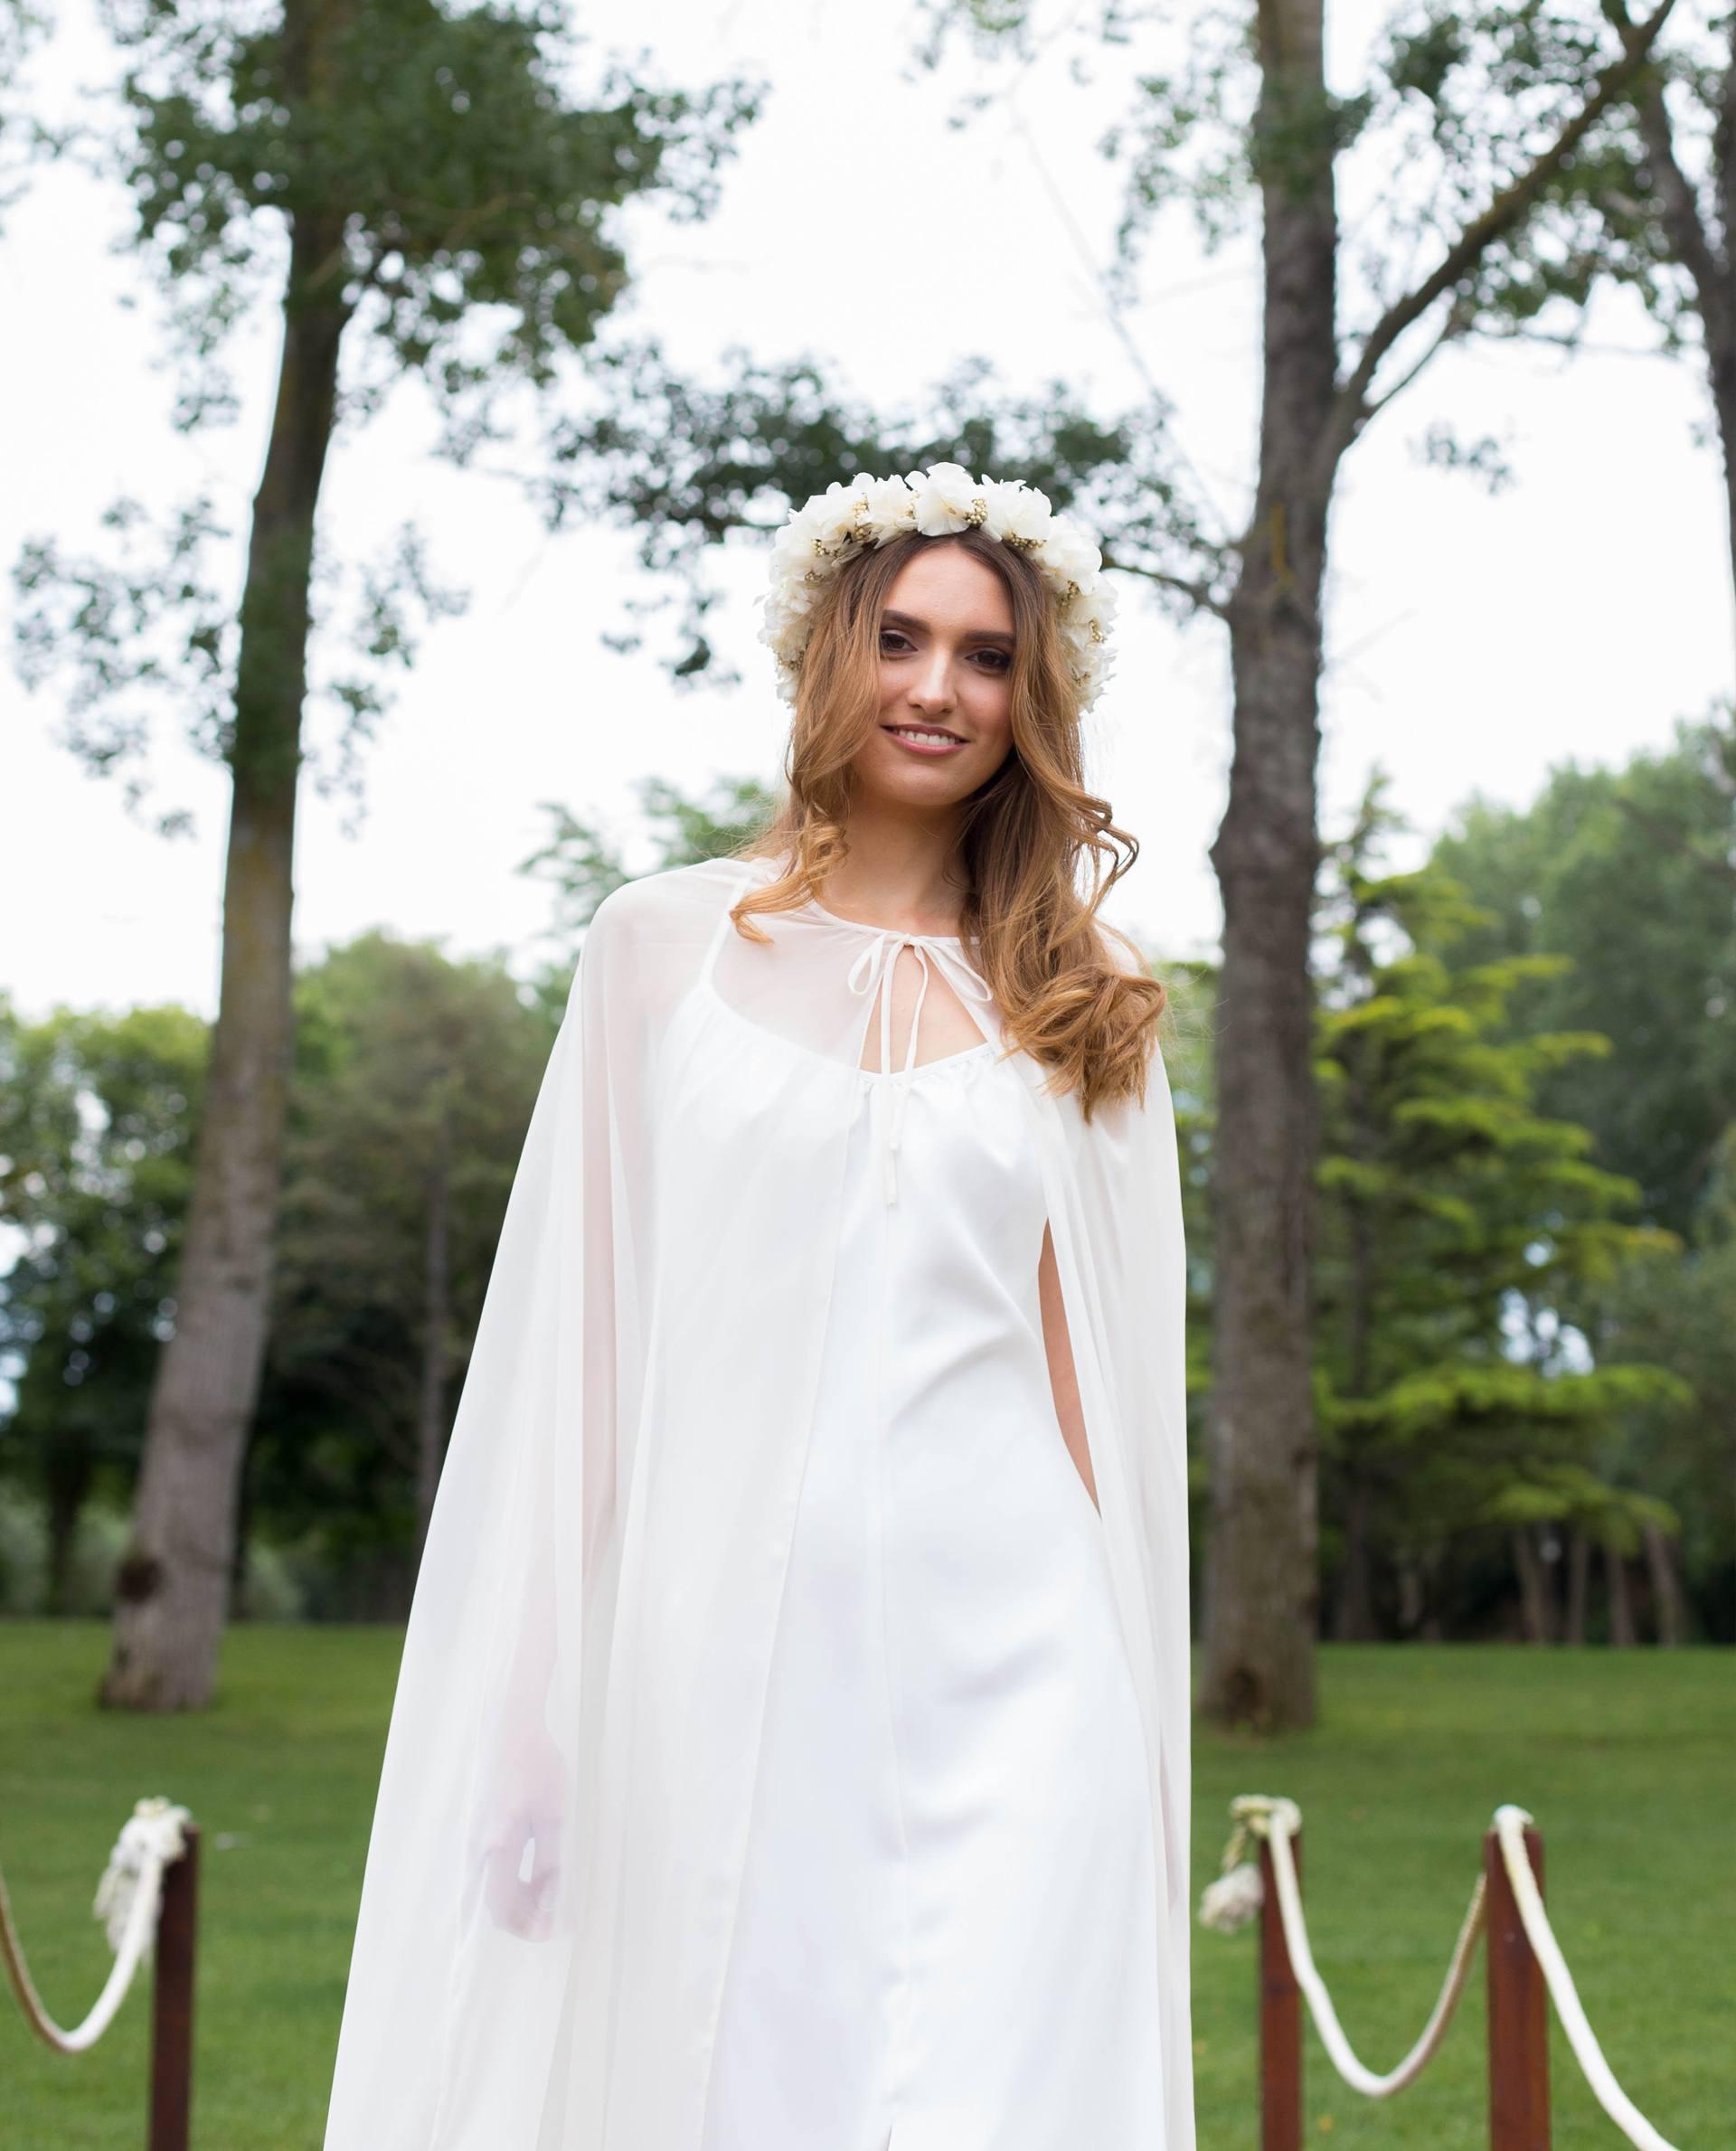 BRIDAL-NATURE 2017/18 - ACCESORIOS - Detalle capa Nelda sobre vestido de novia Rebeca